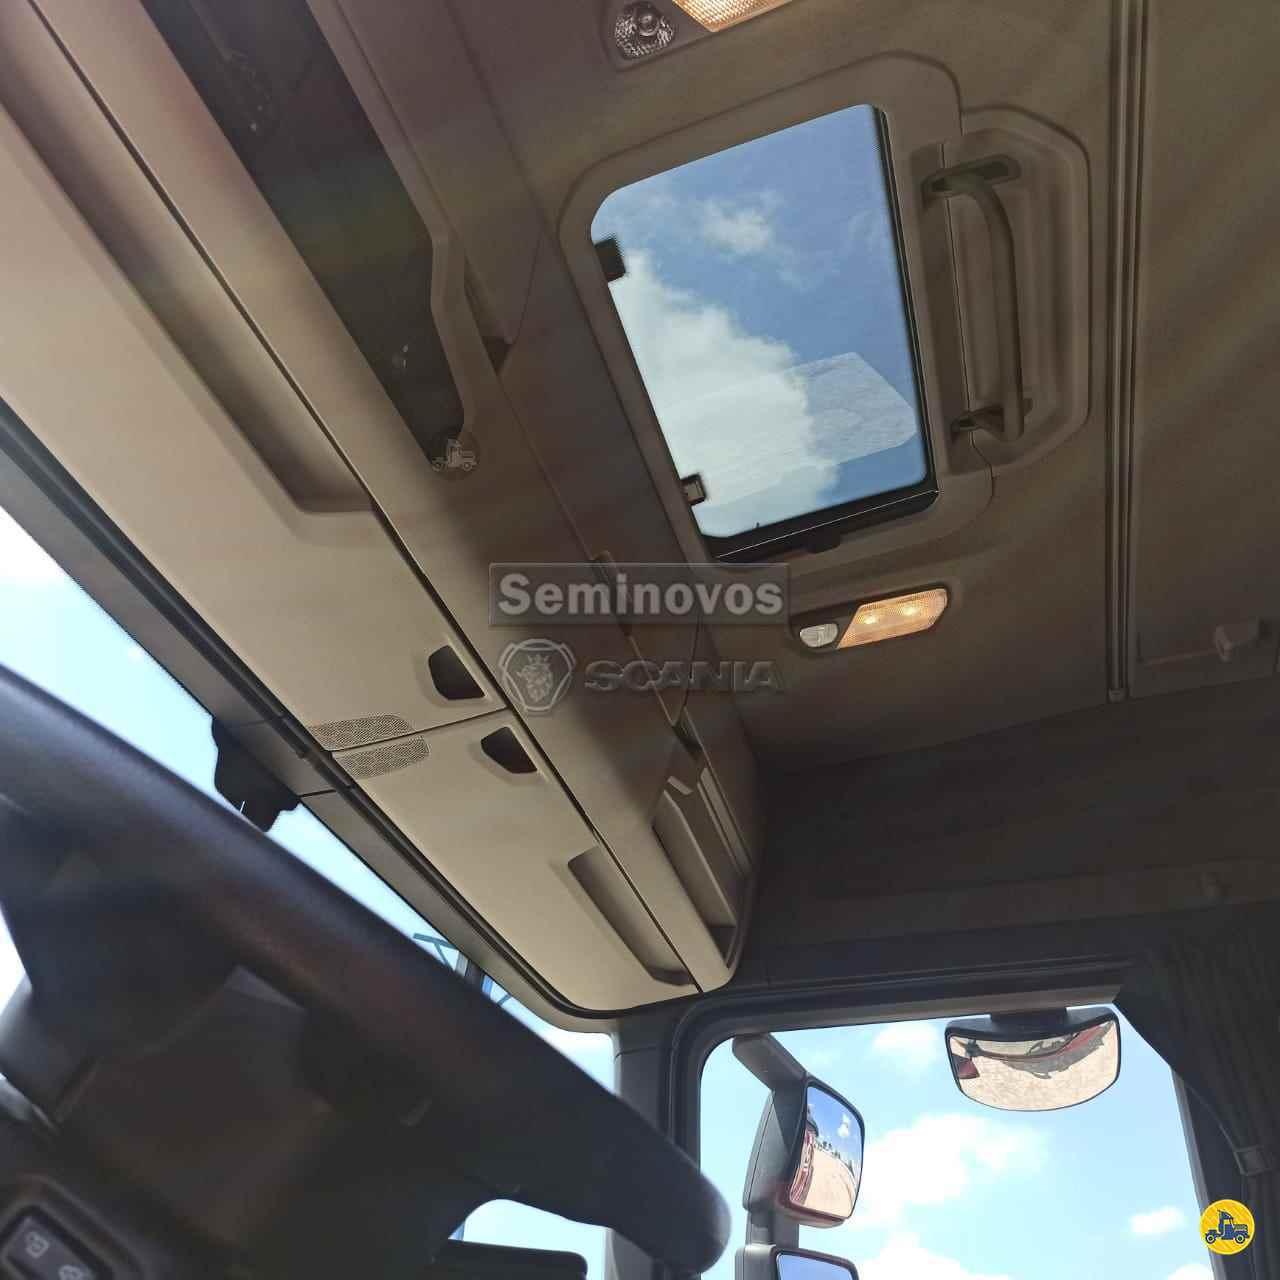 SCANIA SCANIA P320 104000km 2019/2020 Scania Seminovos